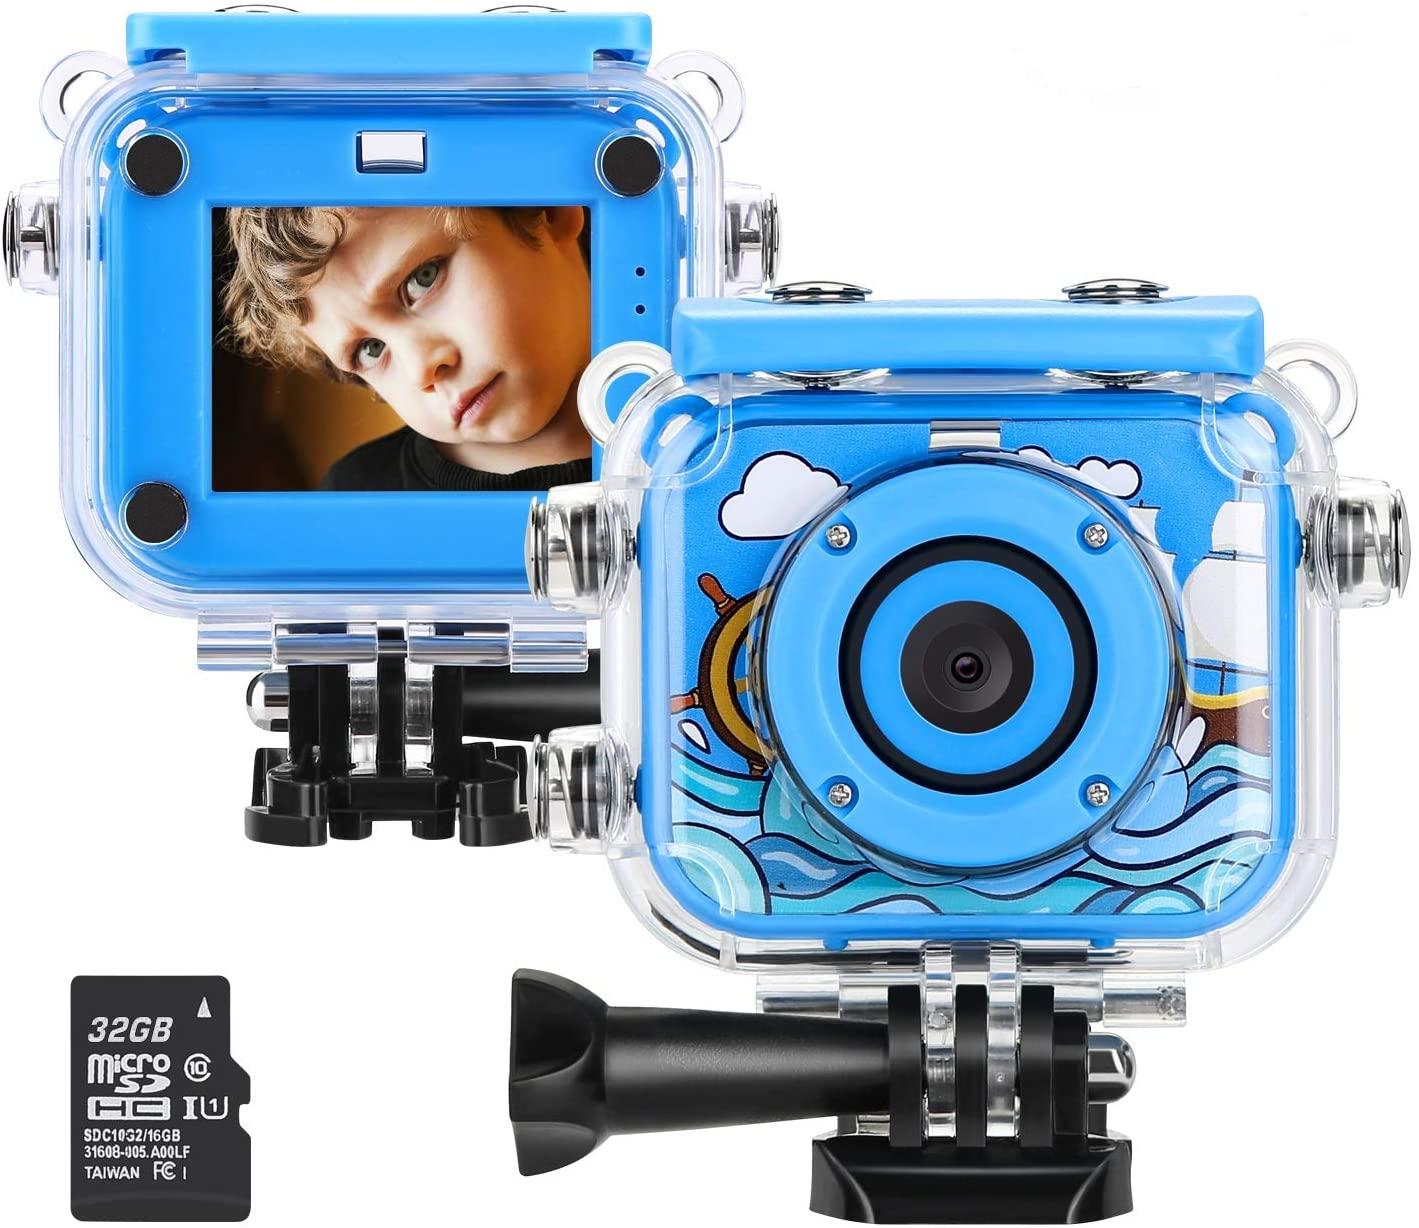 子供用デジタルカメラ トイカメラ 子供用カメラ 32GB容量SDカード Blumway 500万画像 激安挑戦中 40%OFFの激安セール 自撮り 日本語説明書付き 多機能 ブルー 子供プレゼント 2インチ